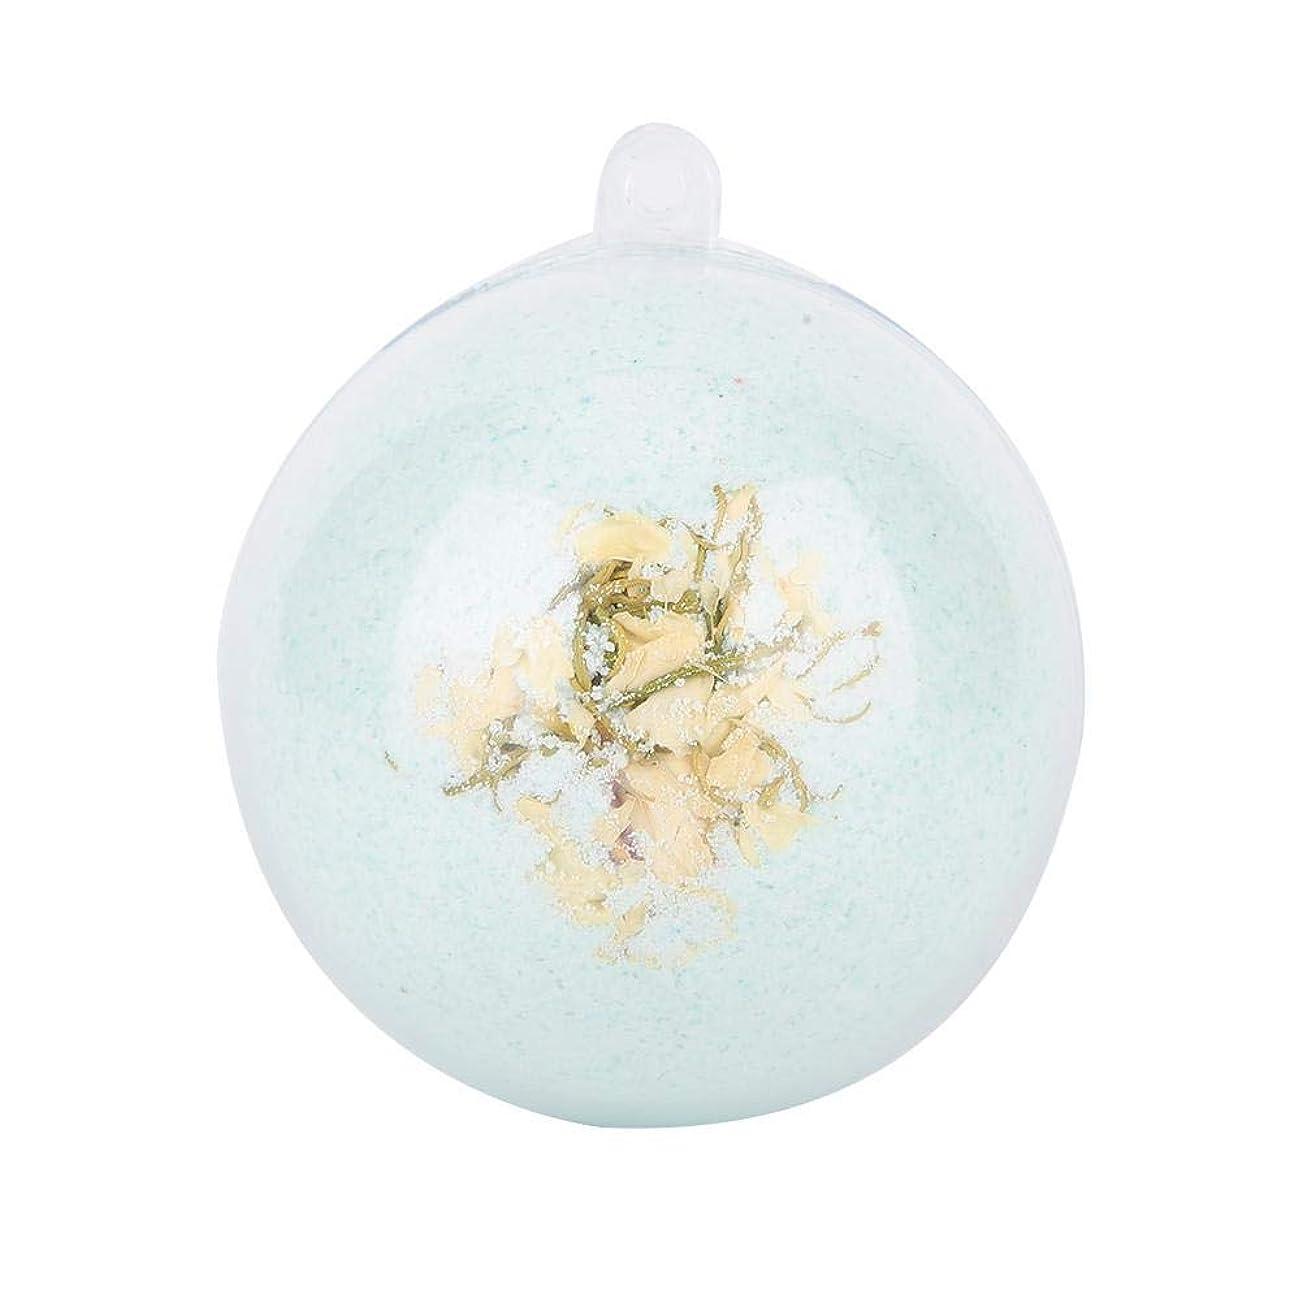 柔らかい足塩辛い無法者dootiバスボム 6個セット 爆弾バスボール 入浴剤 プレゼント用 香り 入浴 風呂 お湯 優しい